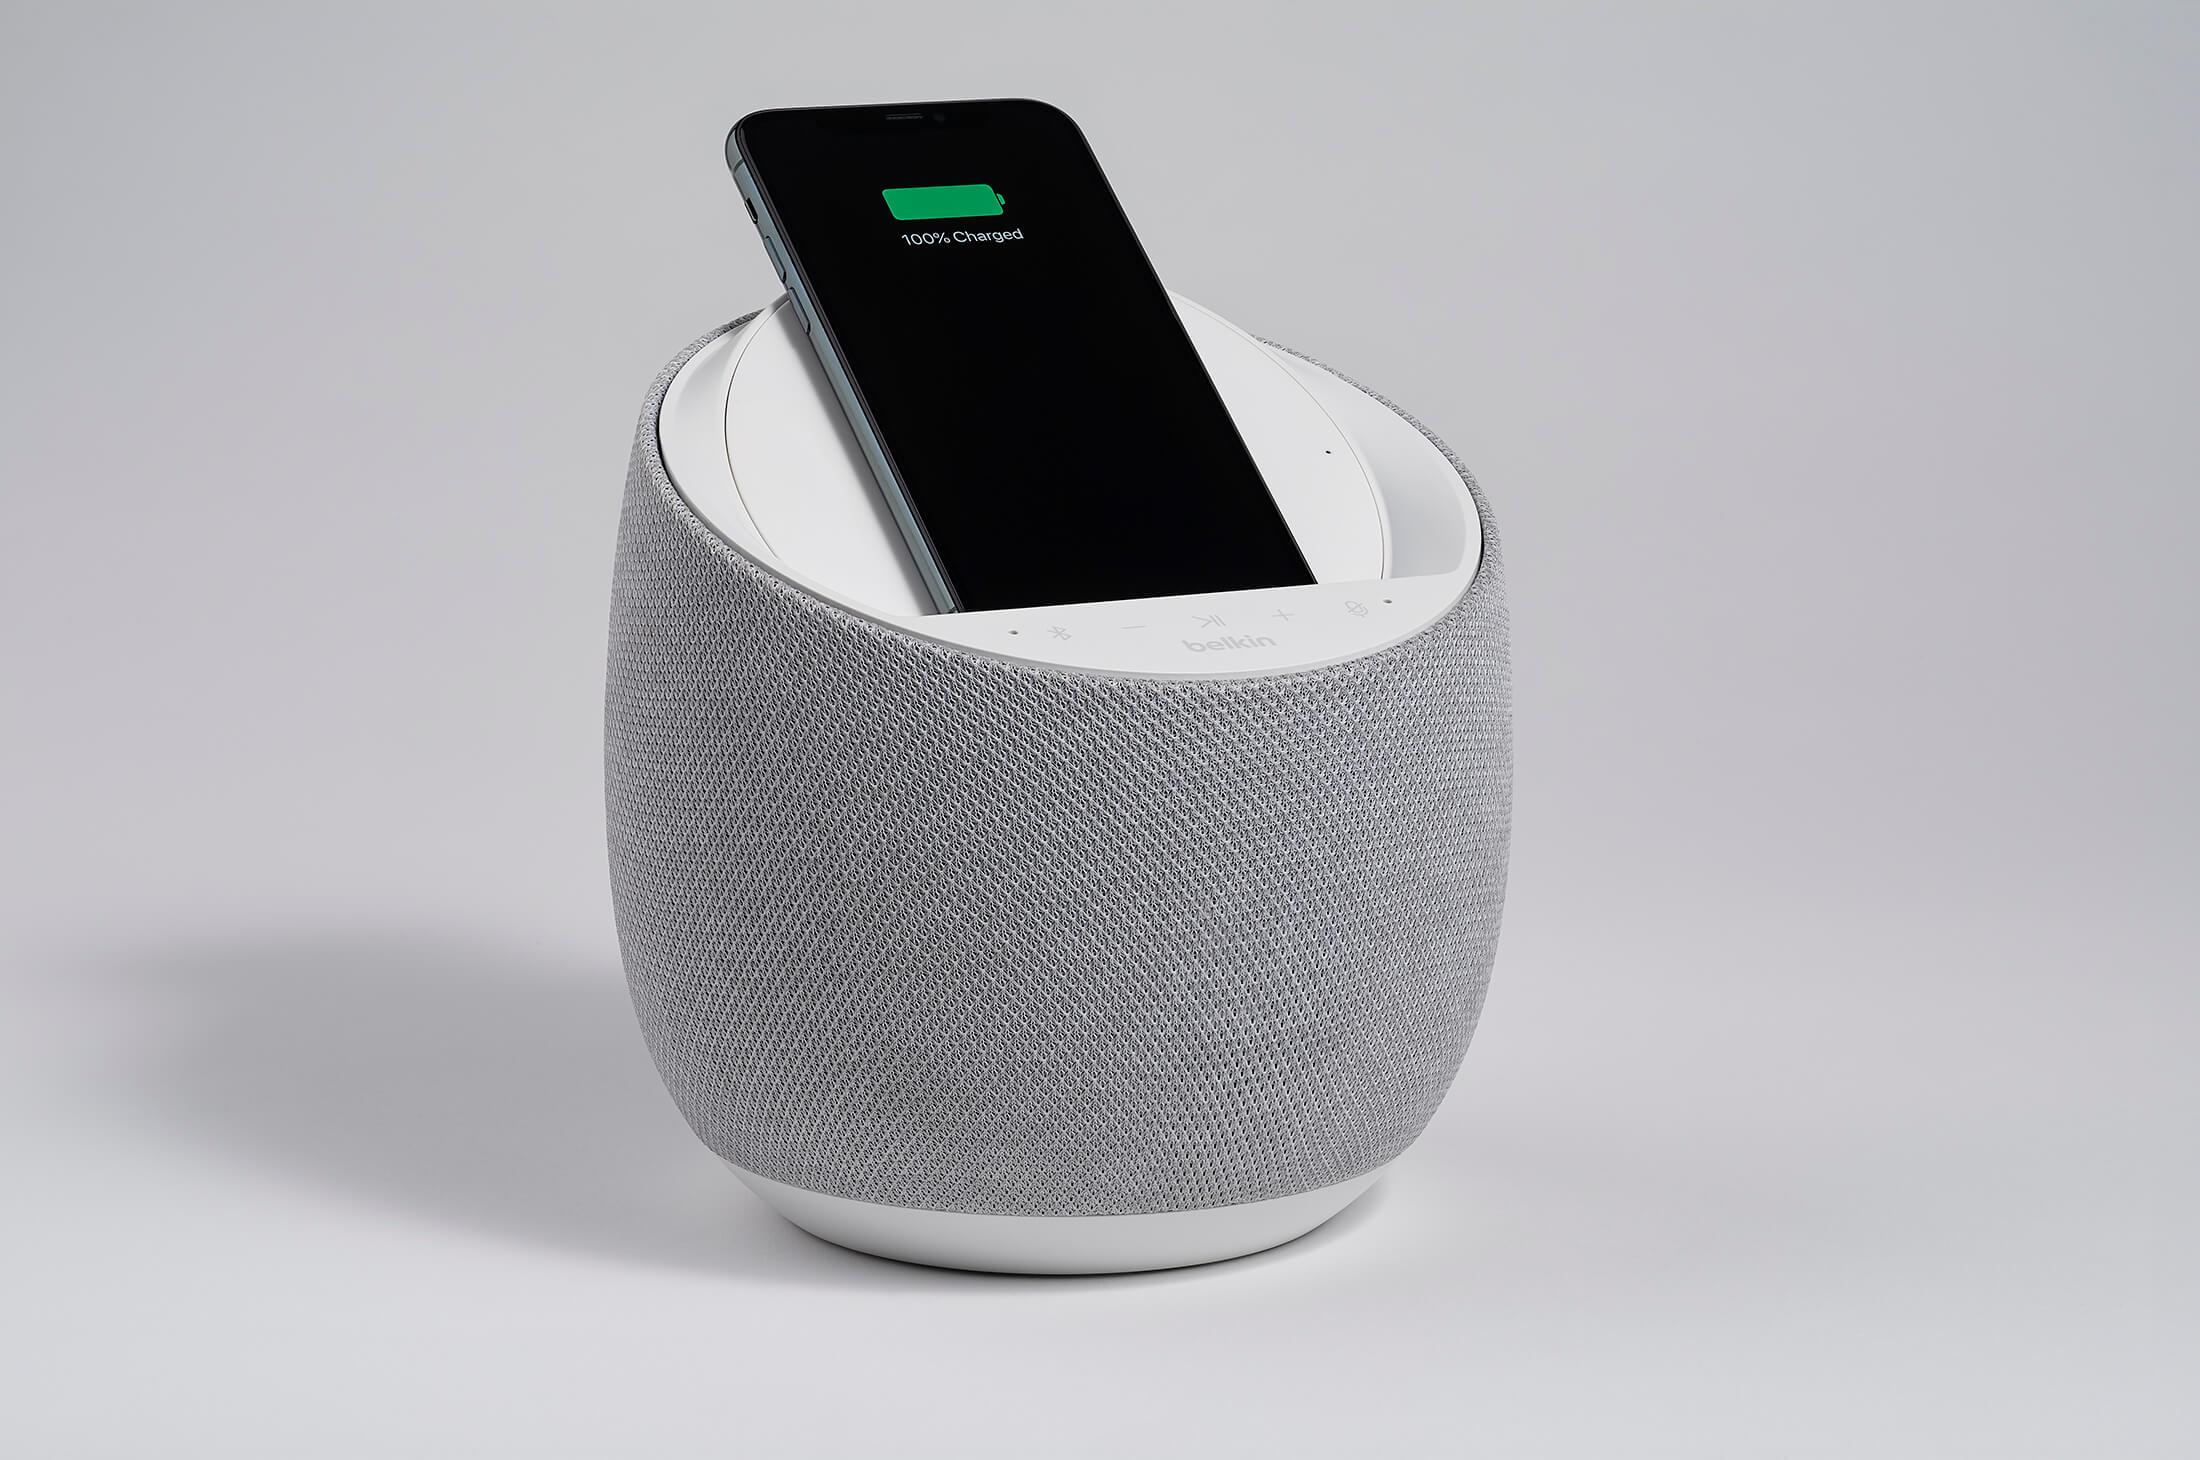 Belkin und Devialet stellen smarten HiFi-Lautsprecher mit drahtloser Ladefunktion vor 31 techboys.de • smarte News, auf den Punkt! Belkin und Devialet stellen smarten HiFi-Lautsprecher mit drahtloser Ladefunktion vor